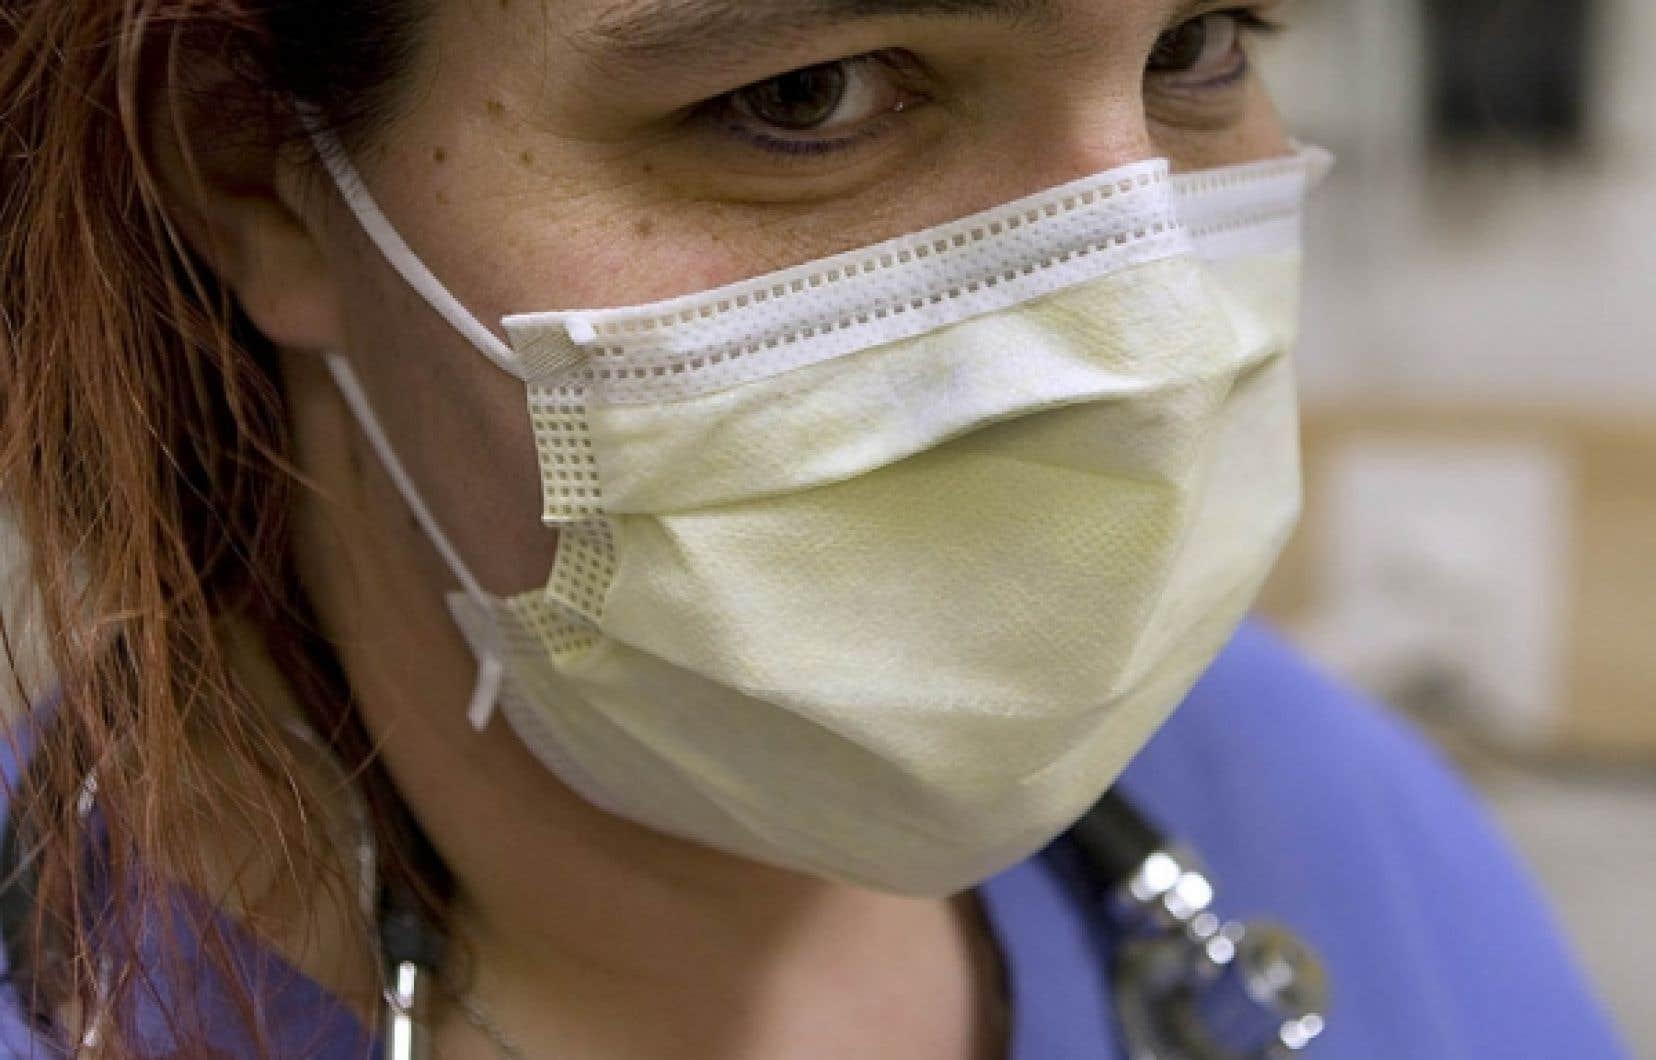 L'arrivée de 500 superinfirmières permettrait à près d'un demi-million de personnes d'avoir accès à des services de première ligne.